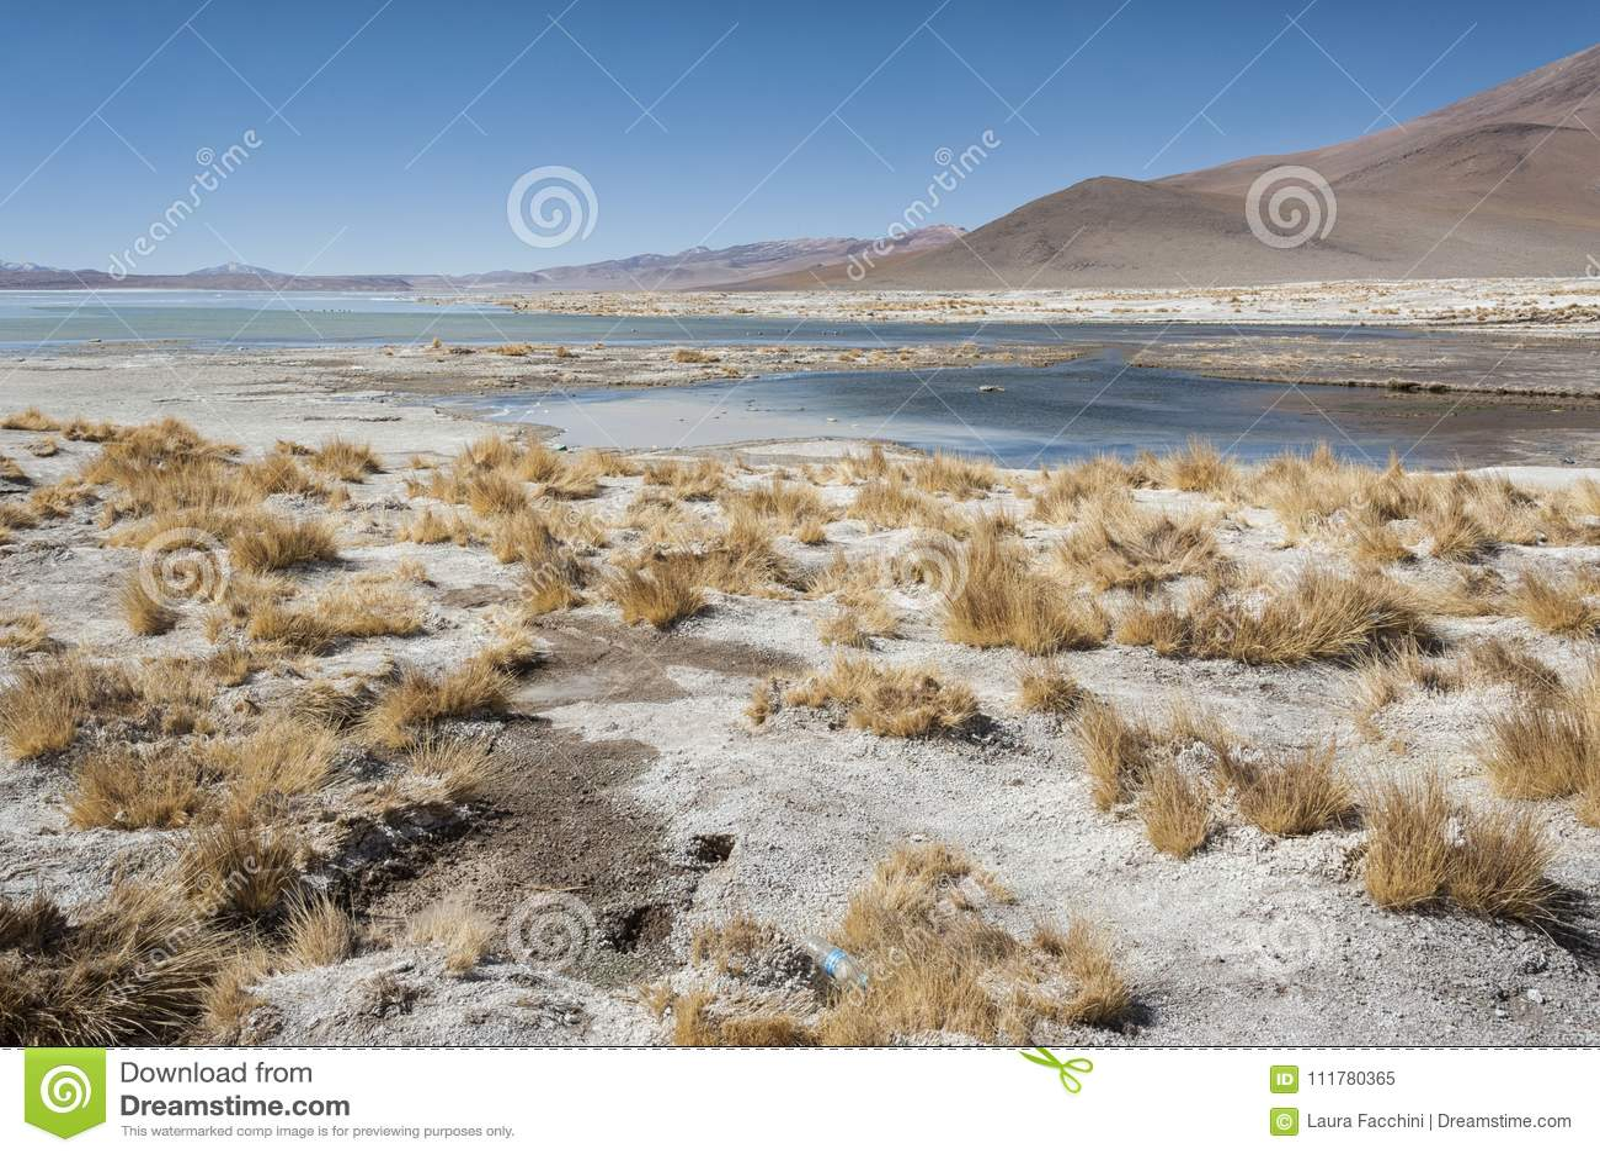 Associação da mola quente de Laguna y Termas de Polques com Salar de Chalviri no fundo, Salar de Uyuni, Potosi, Bolívia